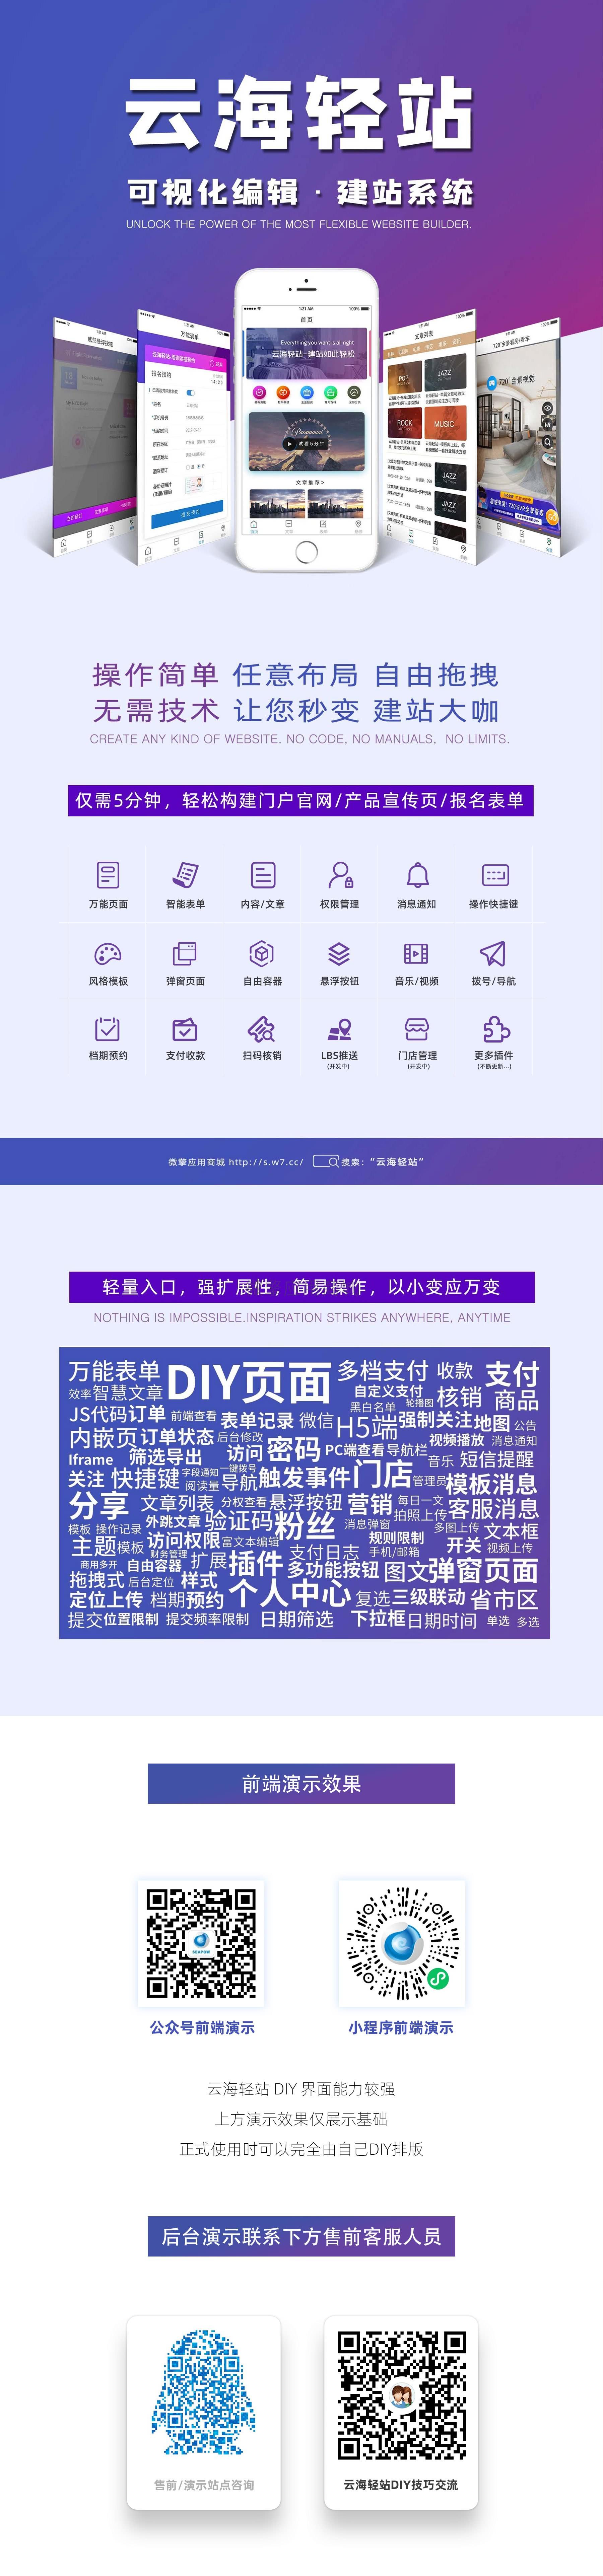 【公众号源码】云海轻站v1.7.7版本(修复上一版本分享链接及链接相关BUG问题)-闲人源码